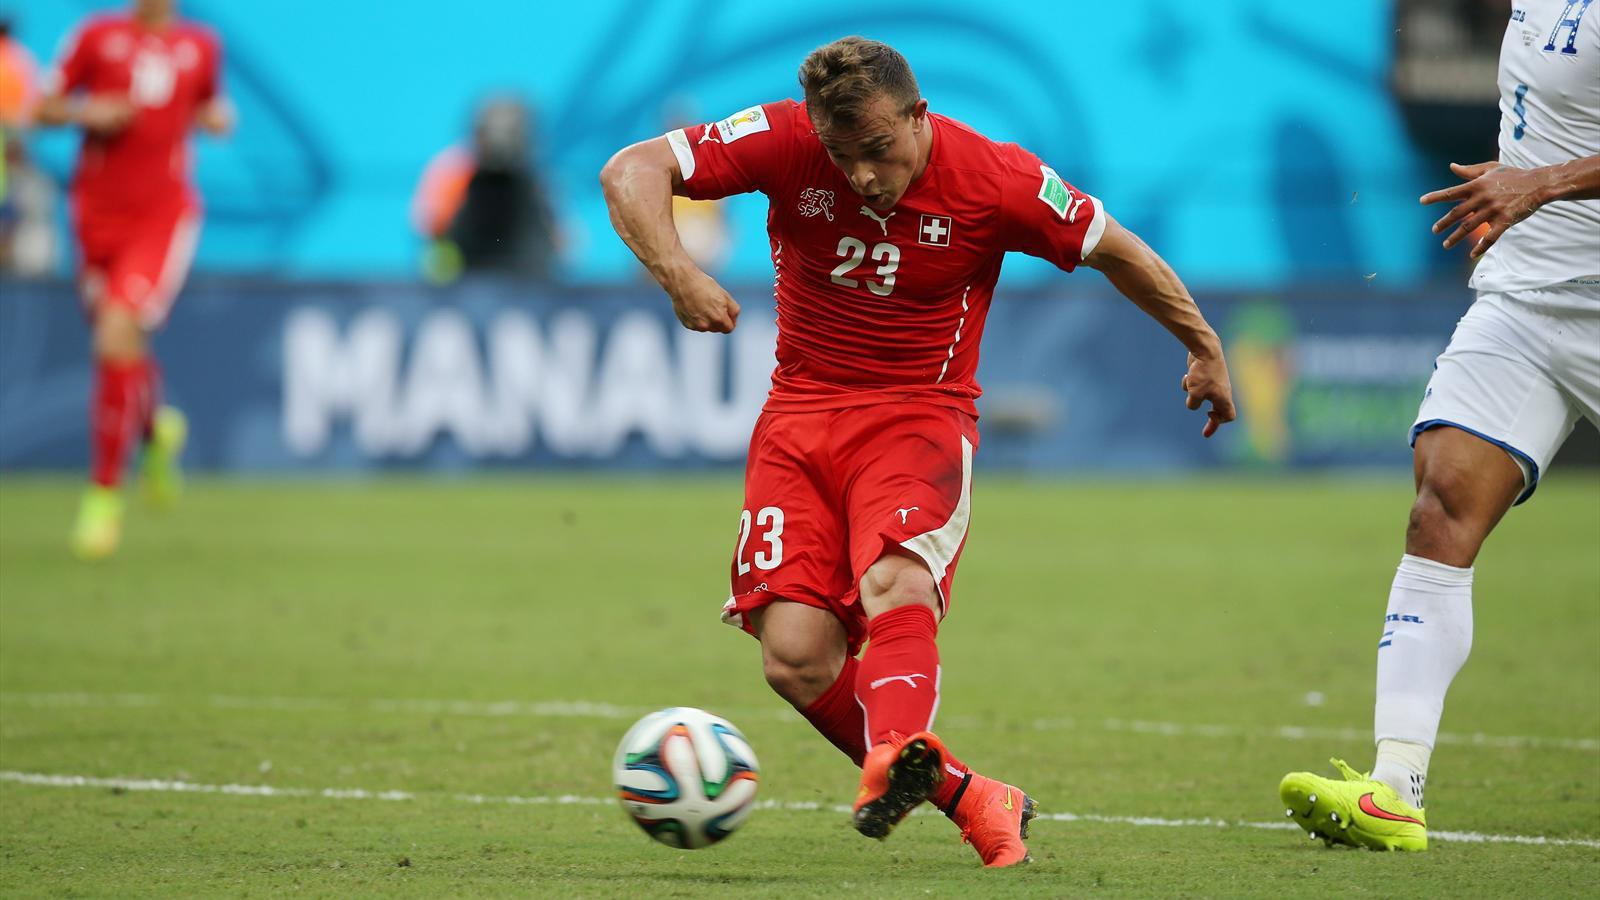 Xherdan Shaqiri, le milieu offensif de la Suisse, a inscrit un triplé face au Honduras - Coupe du monde 2014